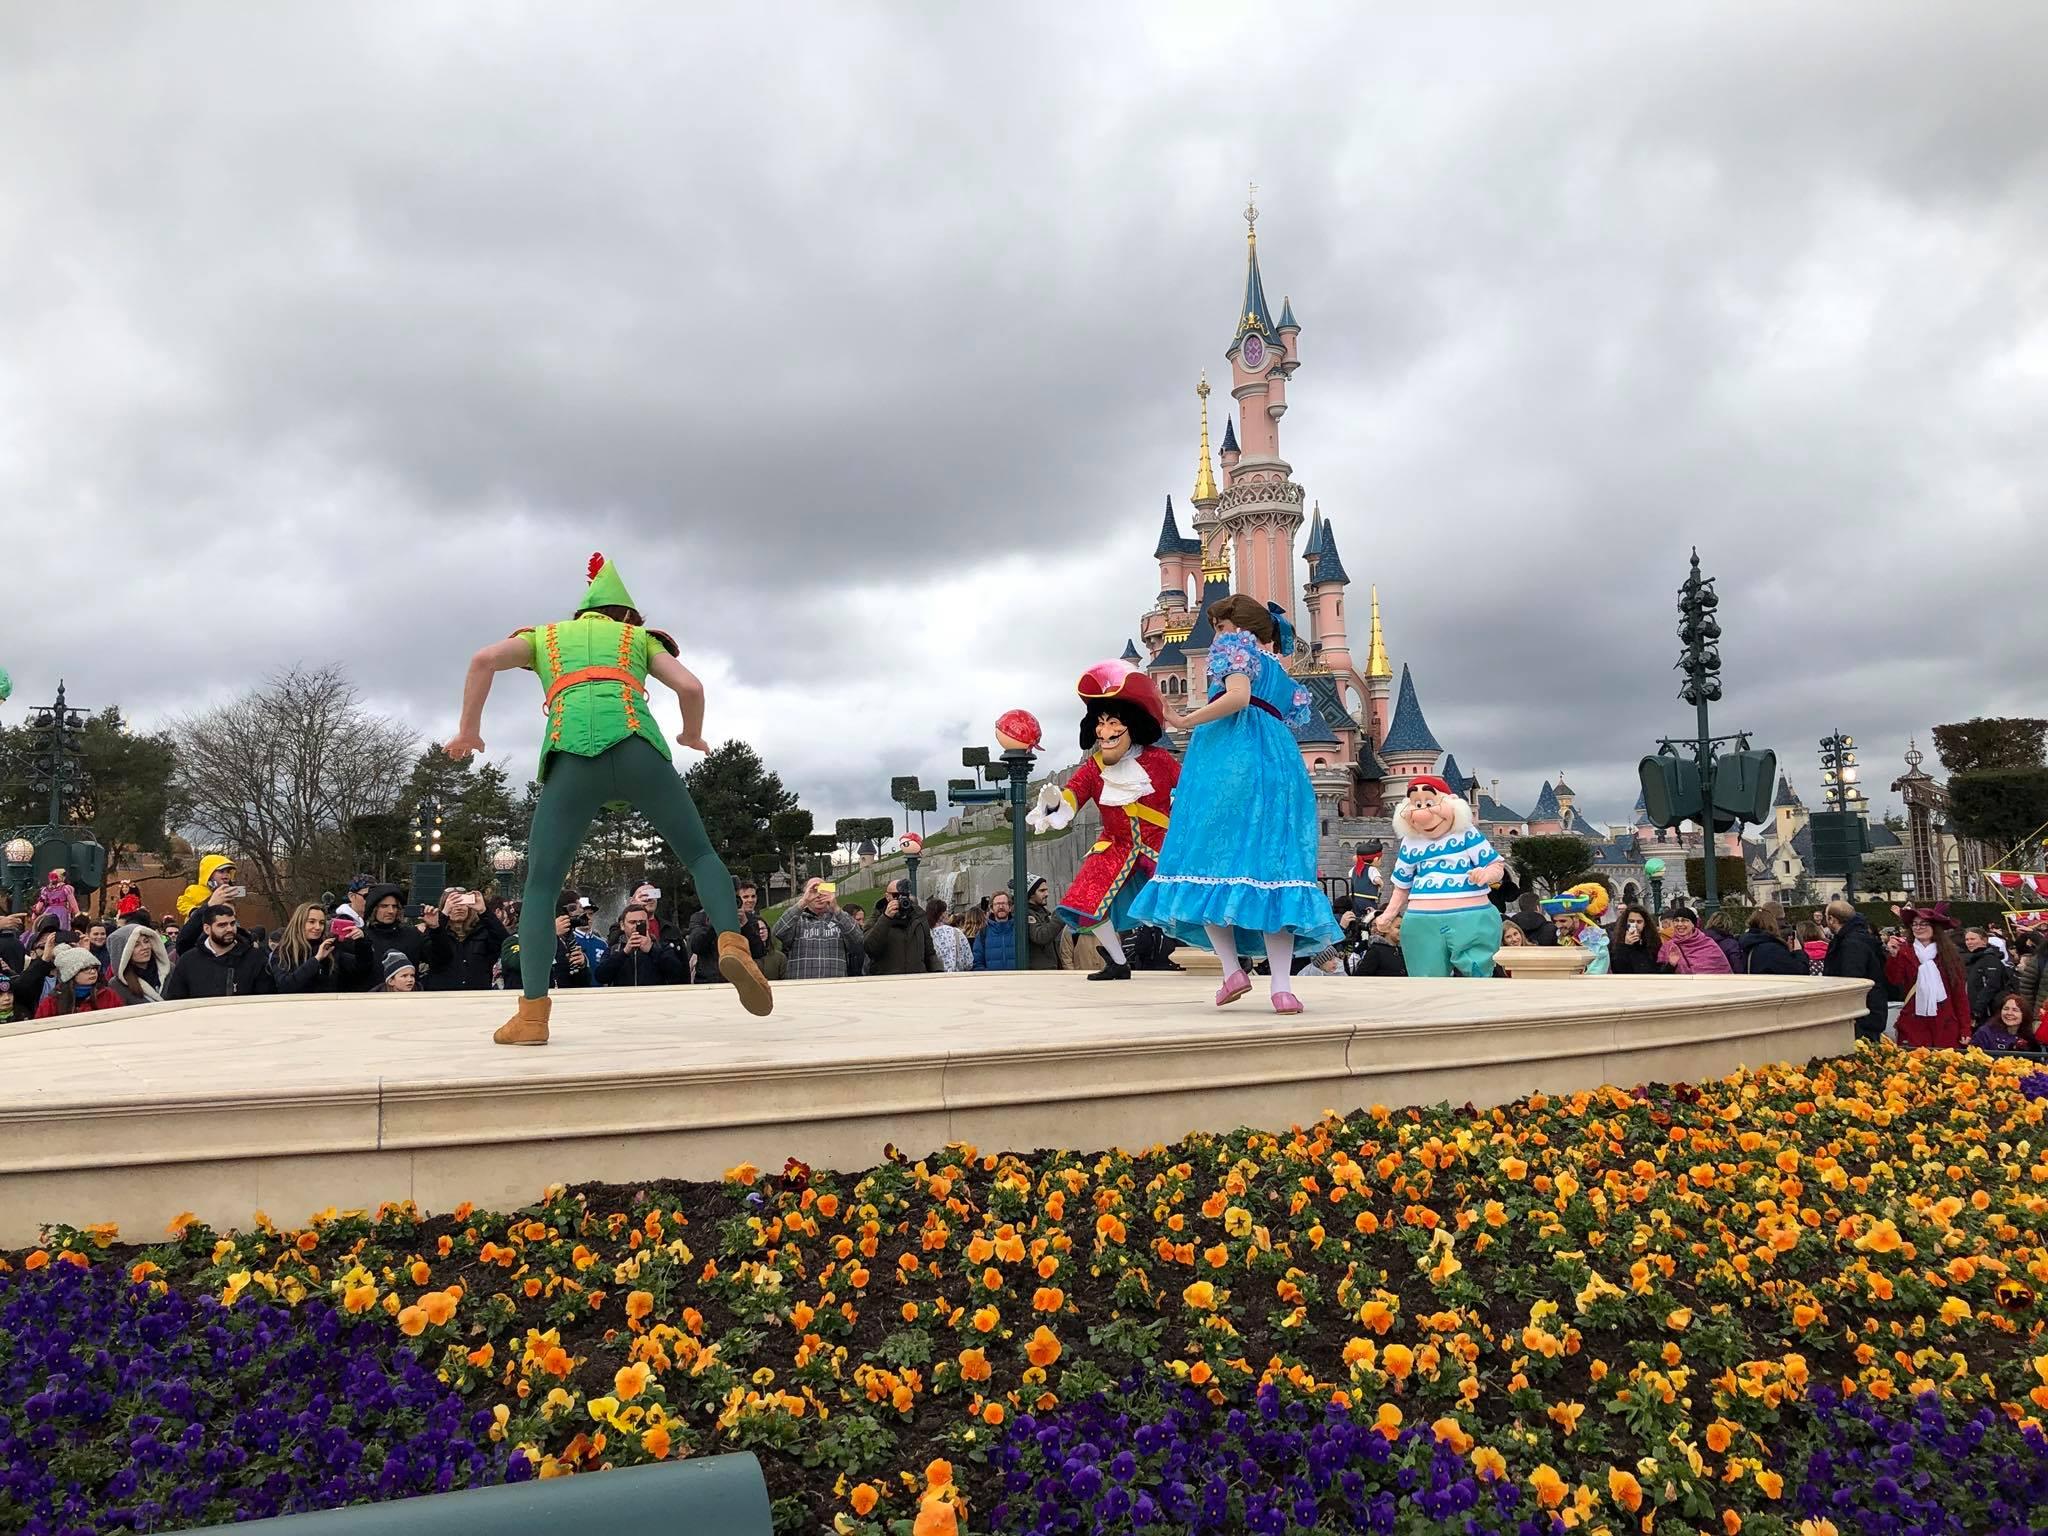 Le Festival Pirates Et Princesses D U00e9barque  U00e0 Disneyland